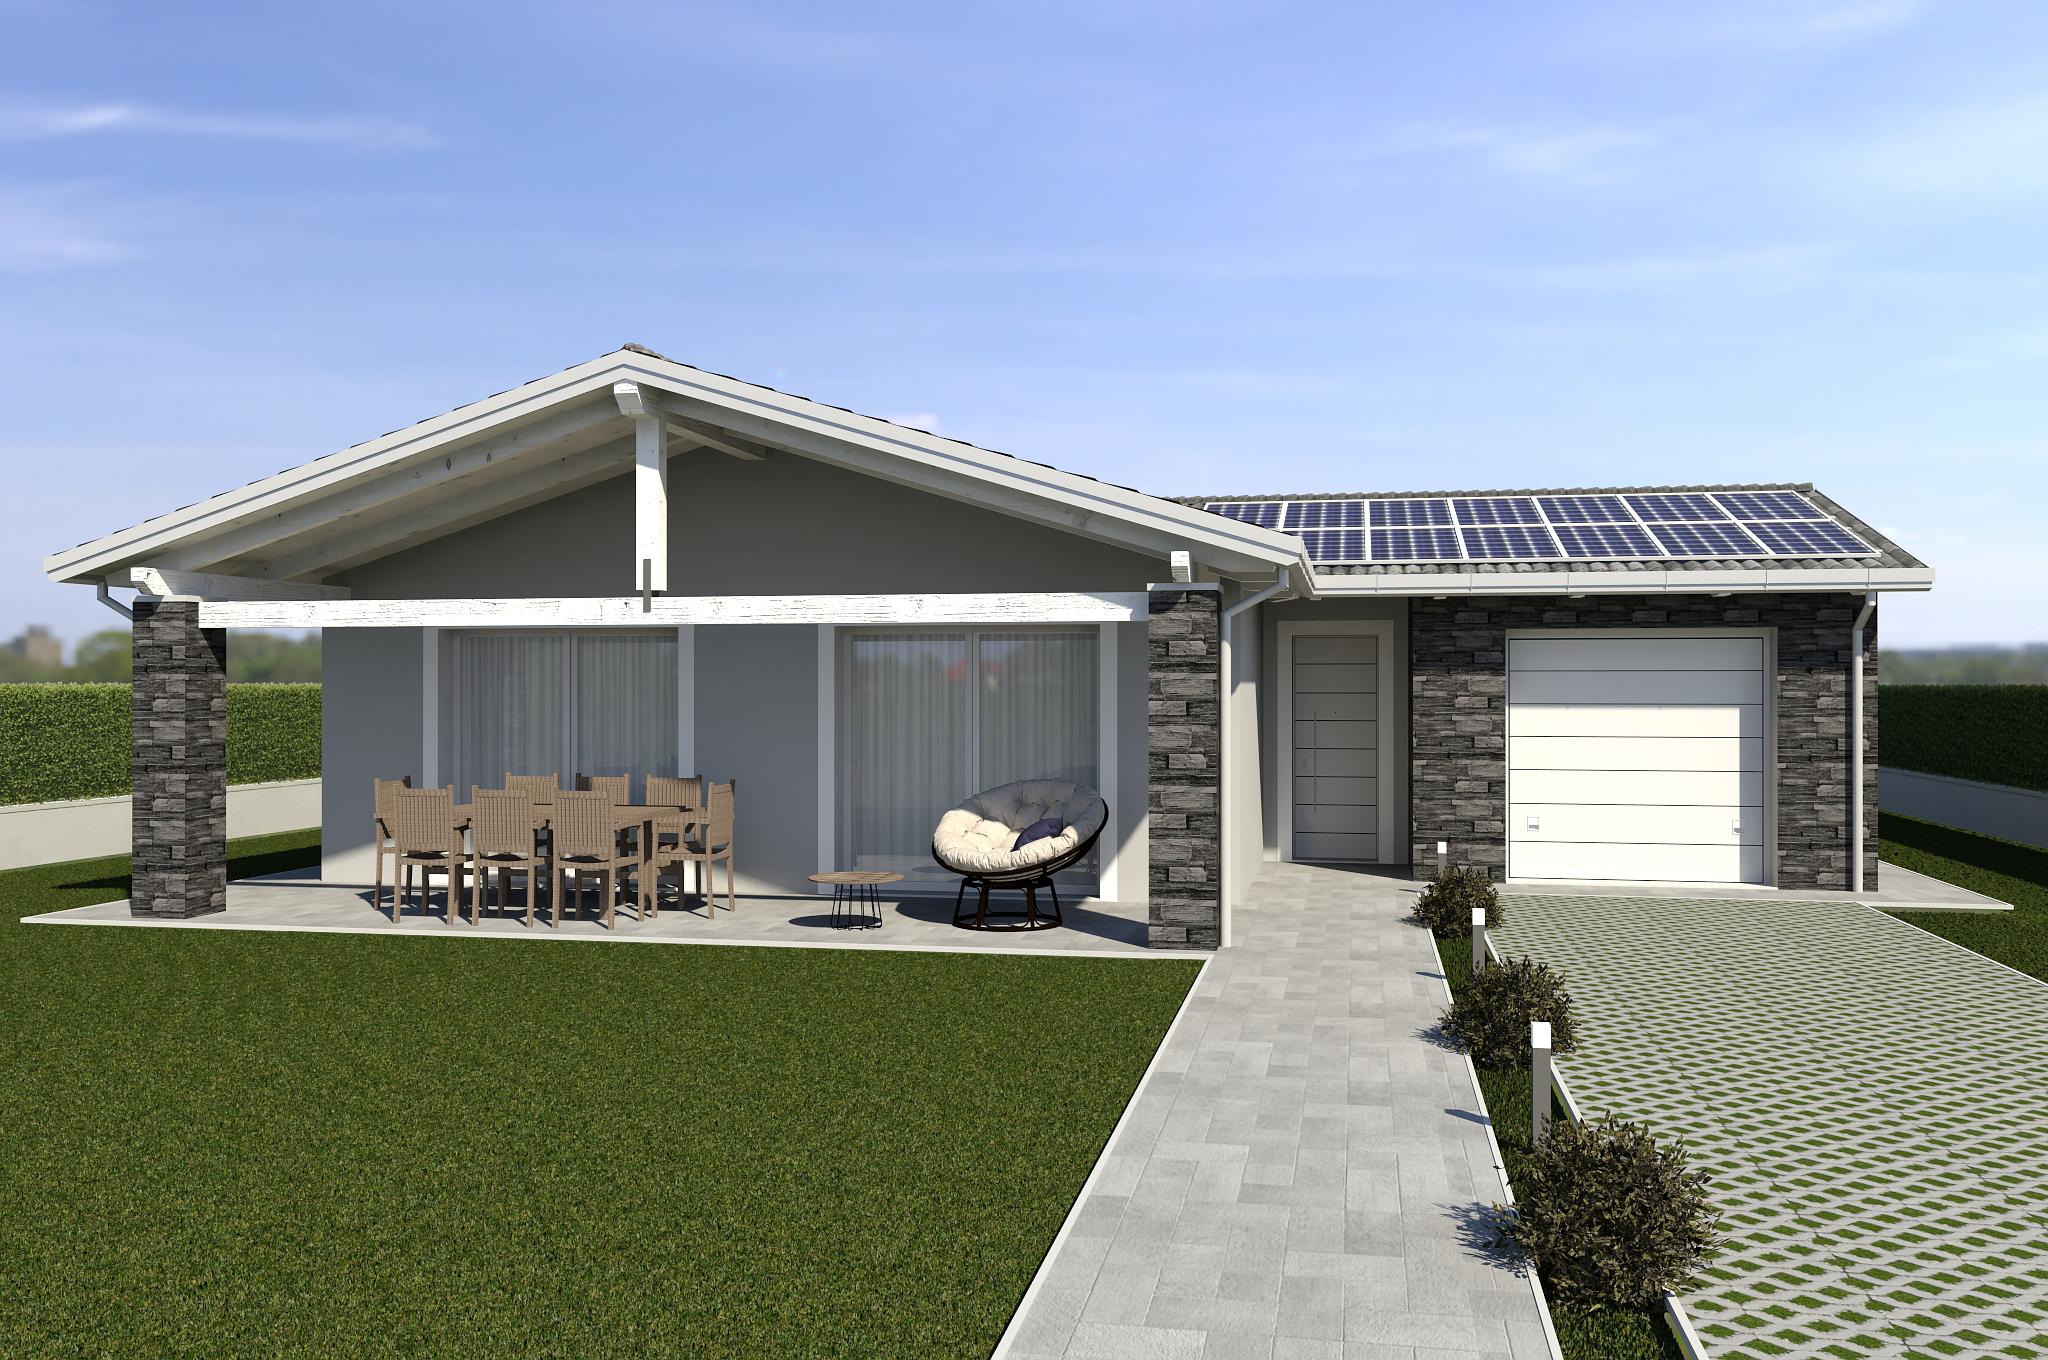 Planimetria della costruzione Casa in Legno modello ECO 160 di ECOHOUSE srl